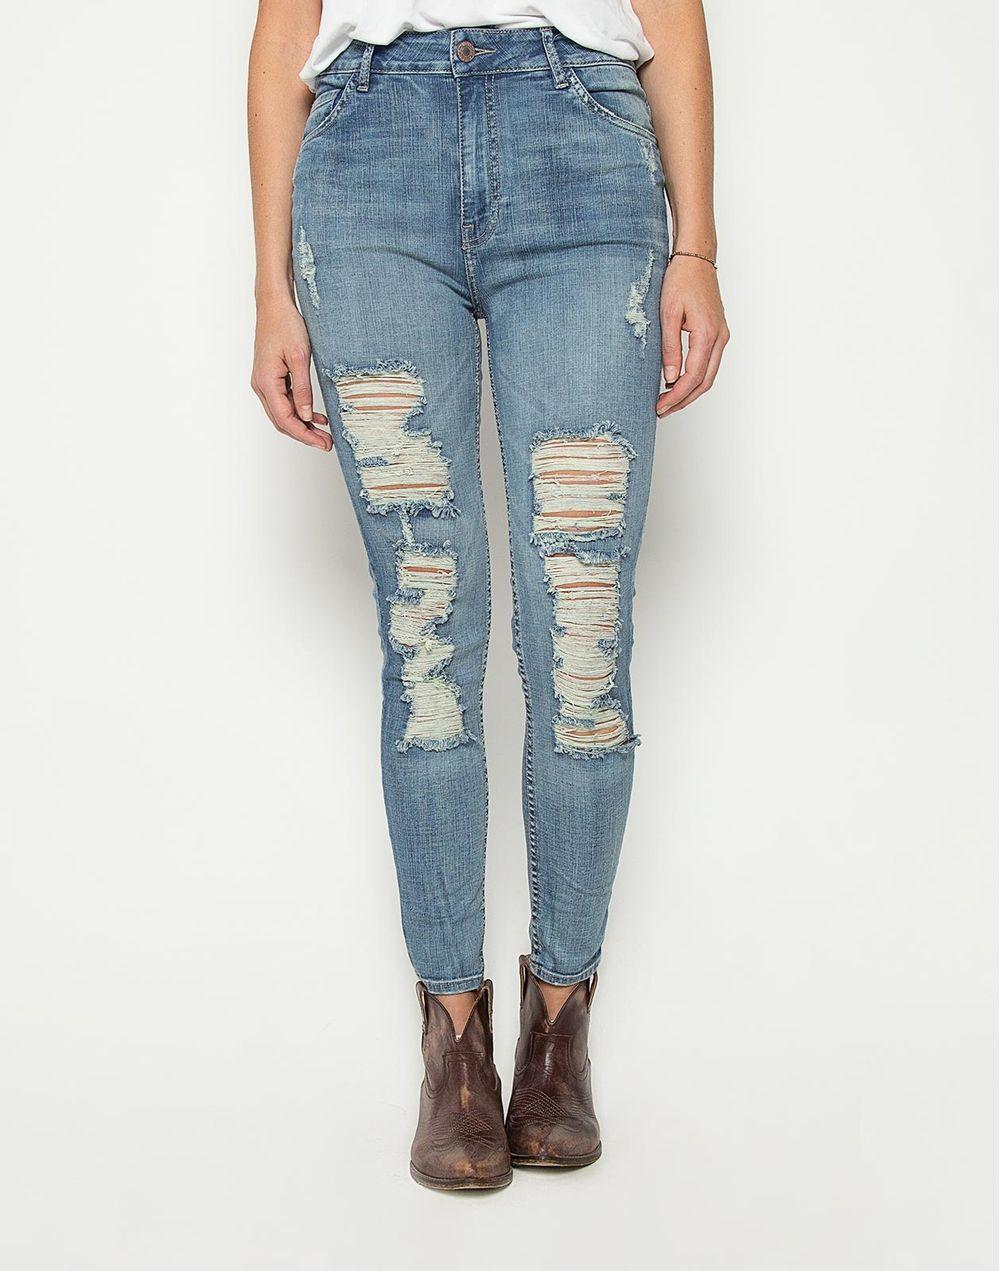 baratas para descuento 23c1a ba227 High Waist Skinny Jeans + Rotos